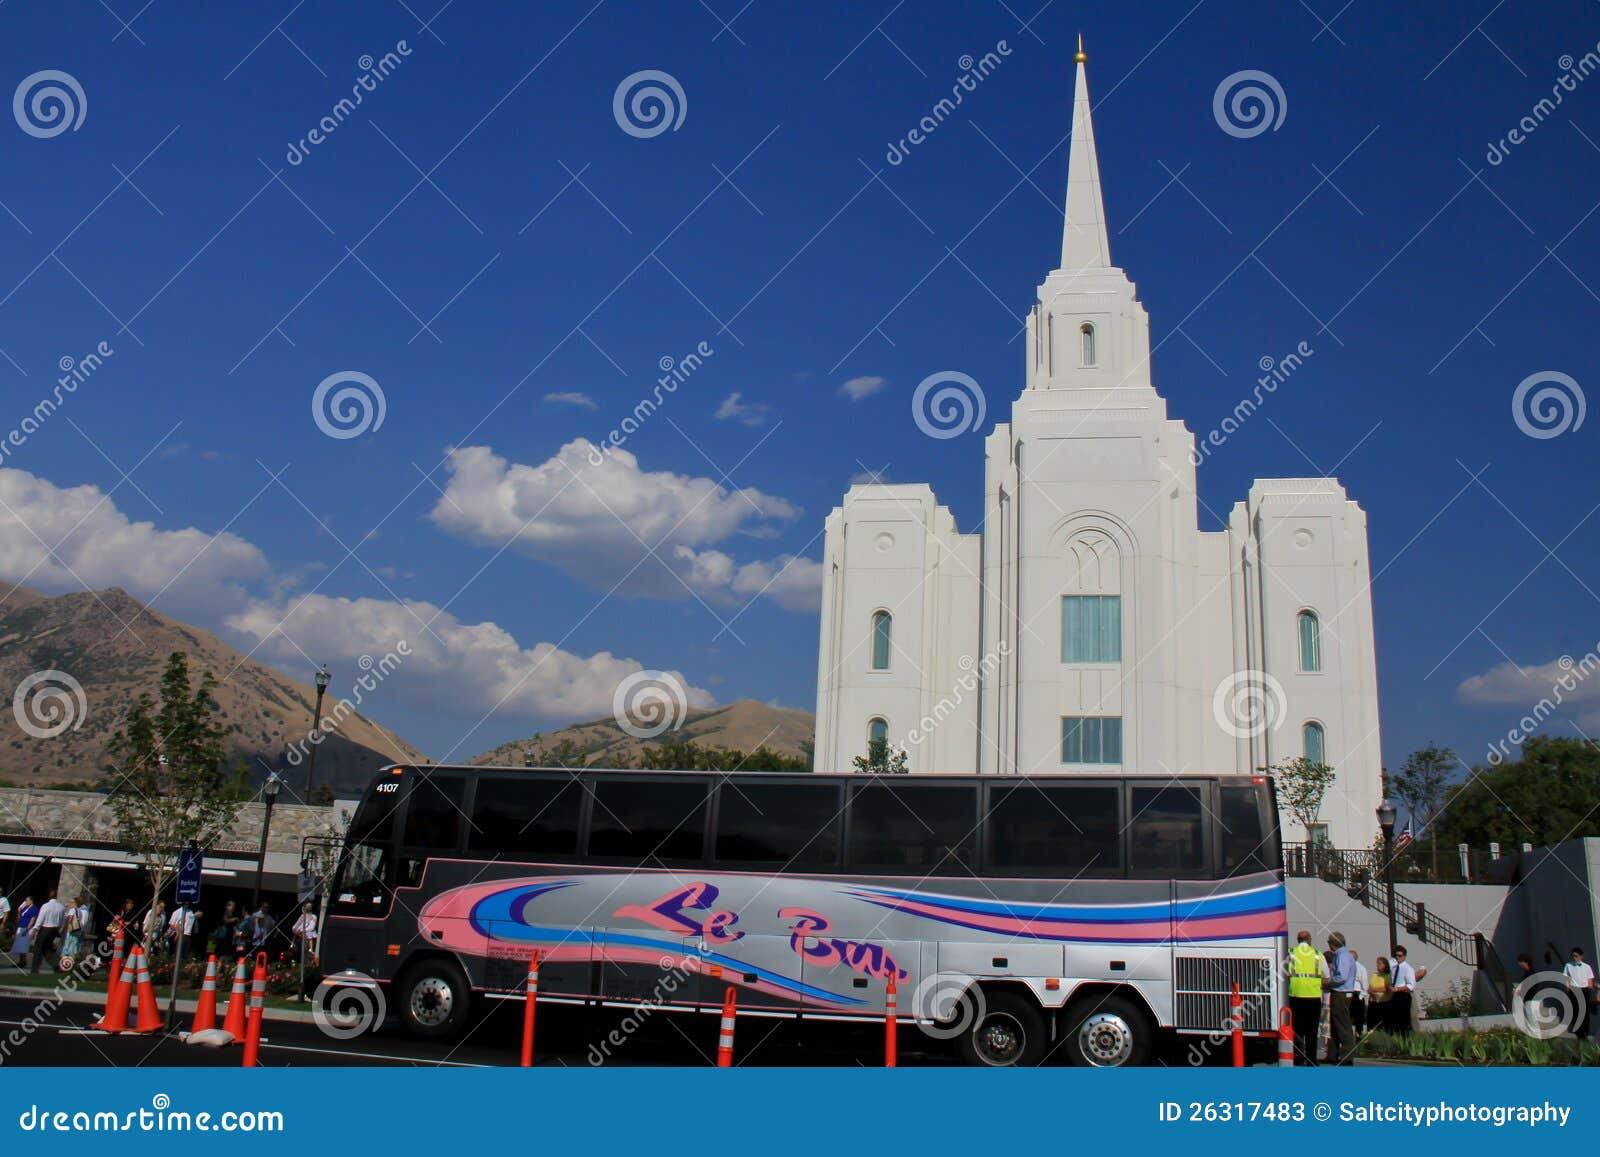 Excursions de temple de la ville LDS de Brigham